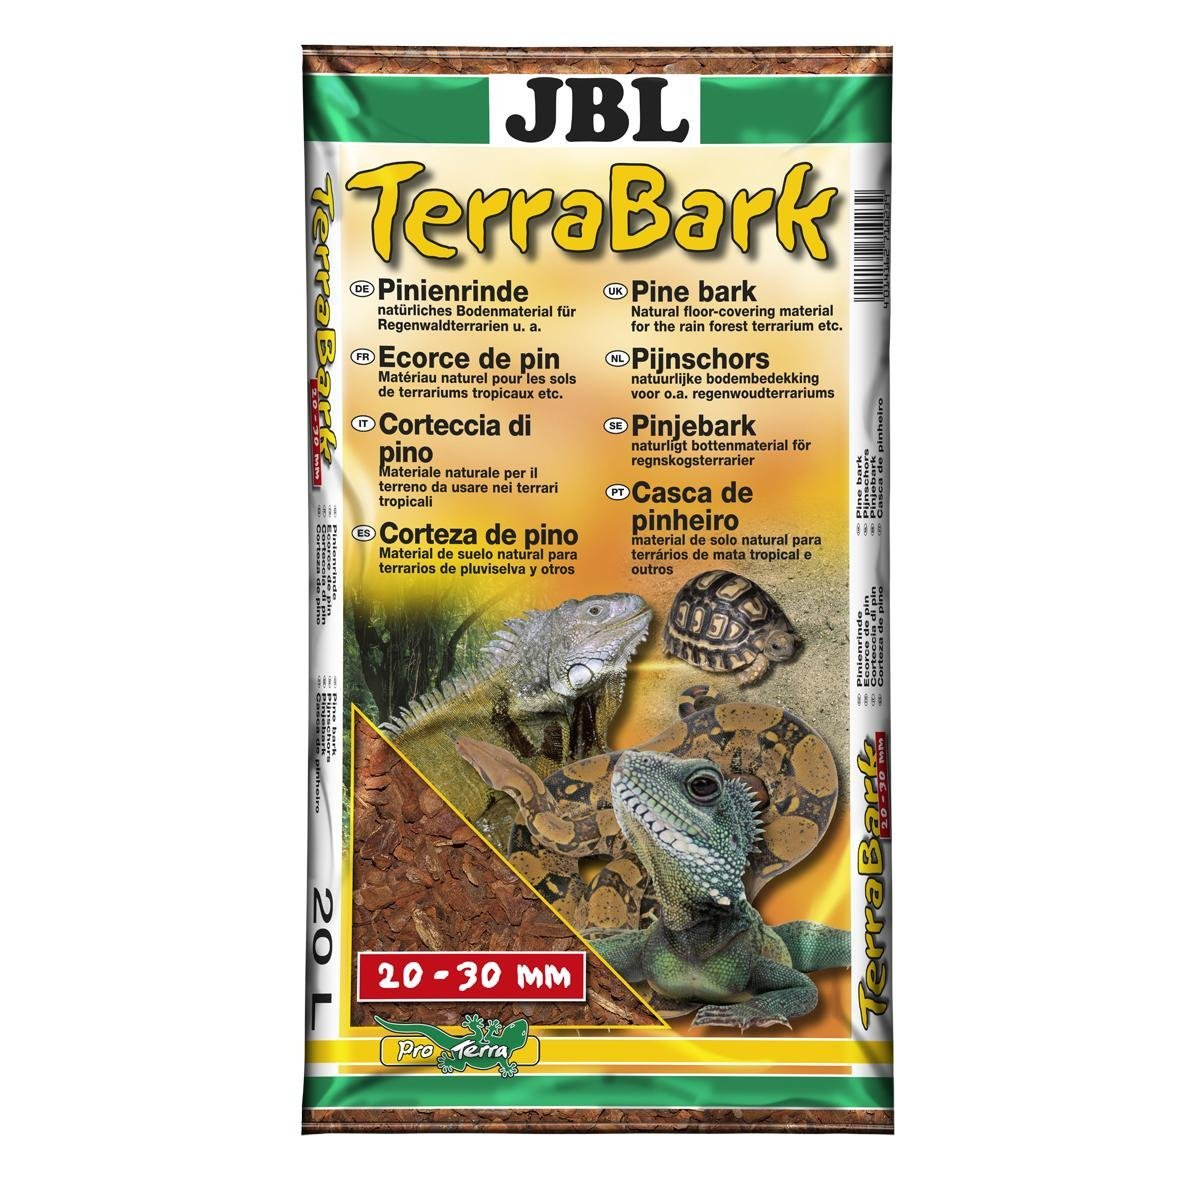 JBL TerraBark S 2-10mm 20l, Substrat de sol pour terrarium subtropical ou tropical 7102400 18857